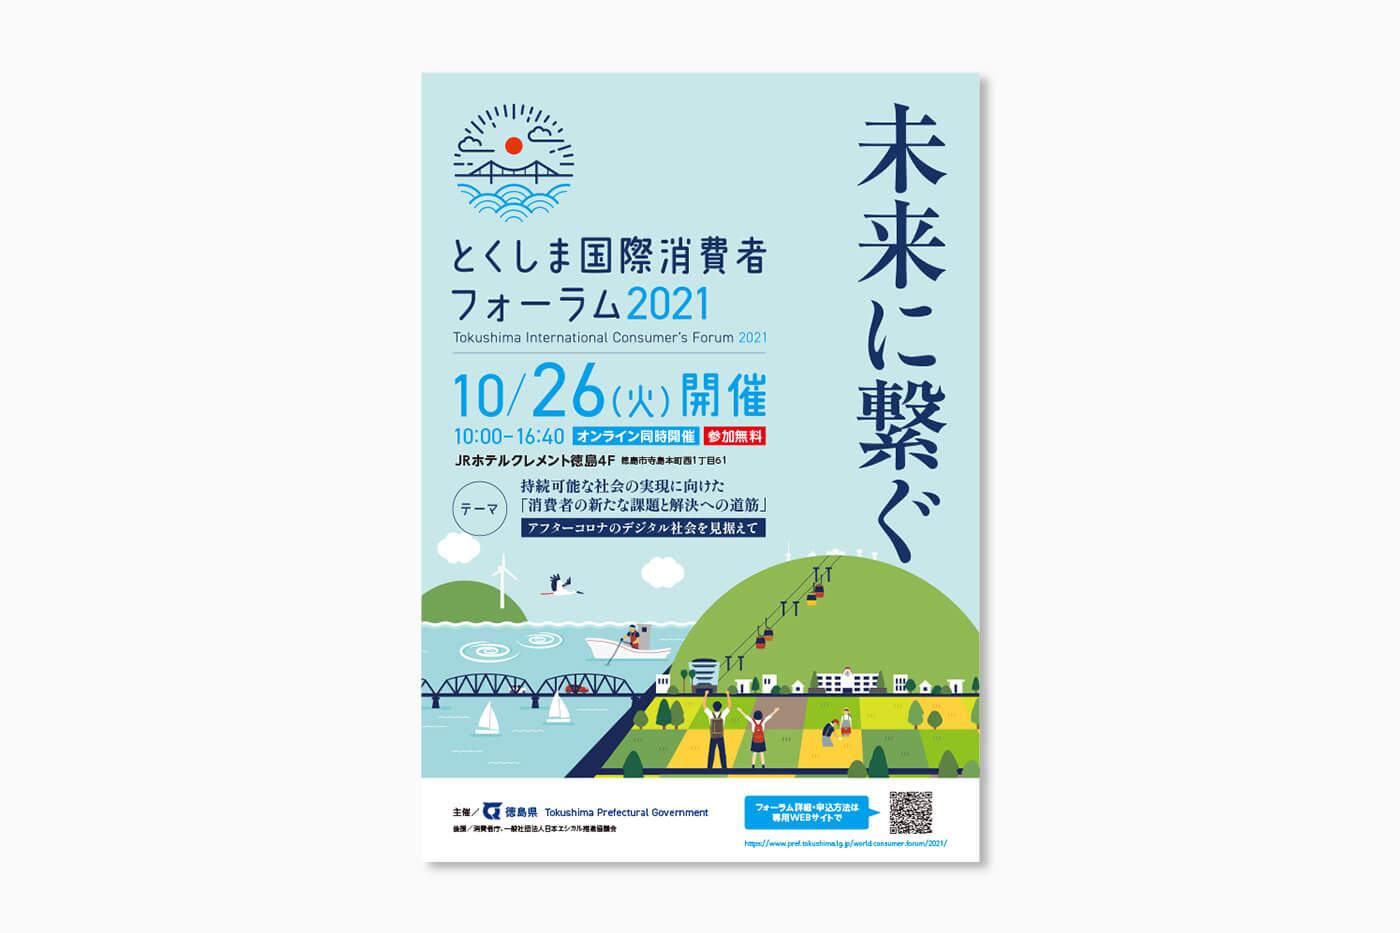 とくしま消費者フォーラム2021 ポスター デザイン制作